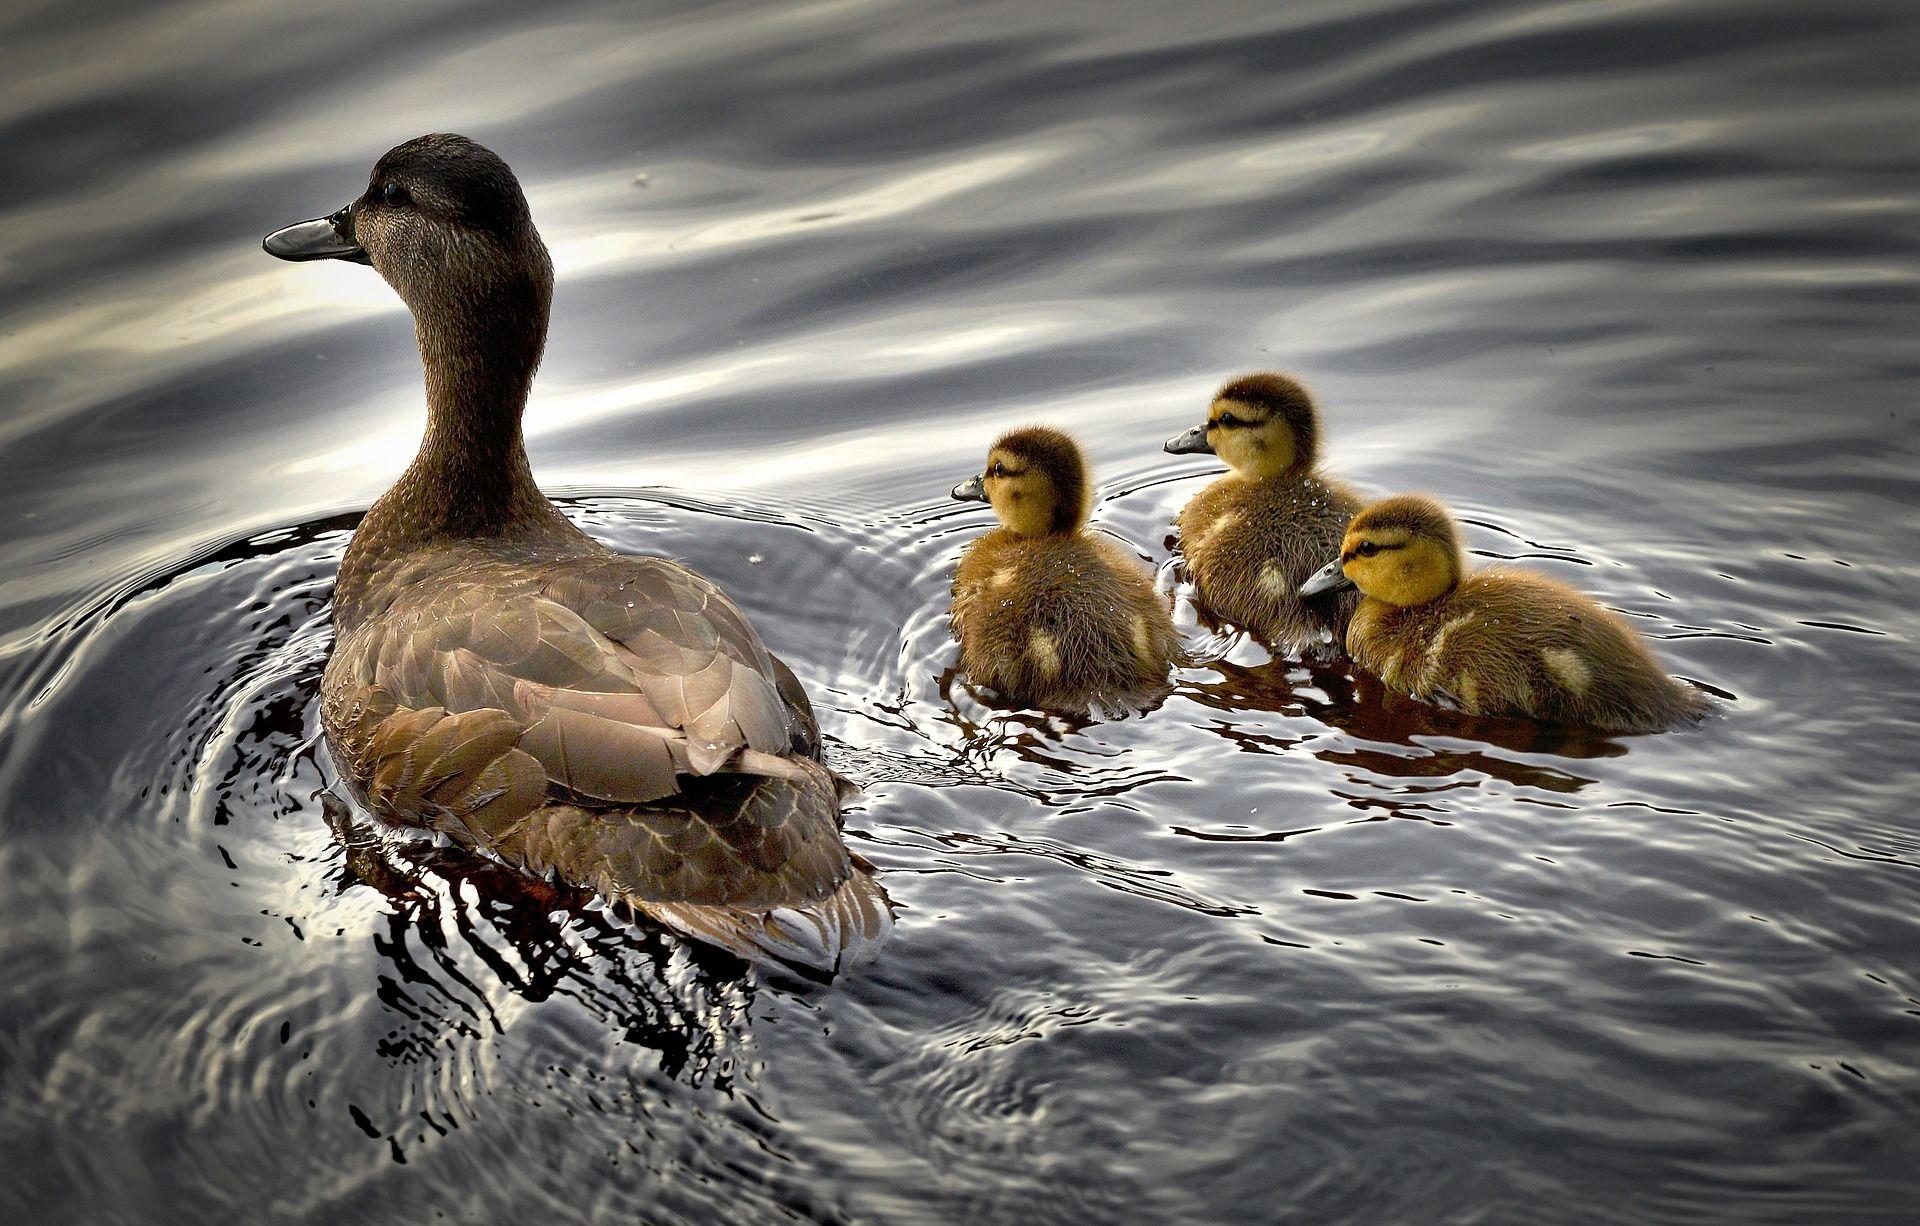 Красивое фото домашних уток плавающих в водоеме